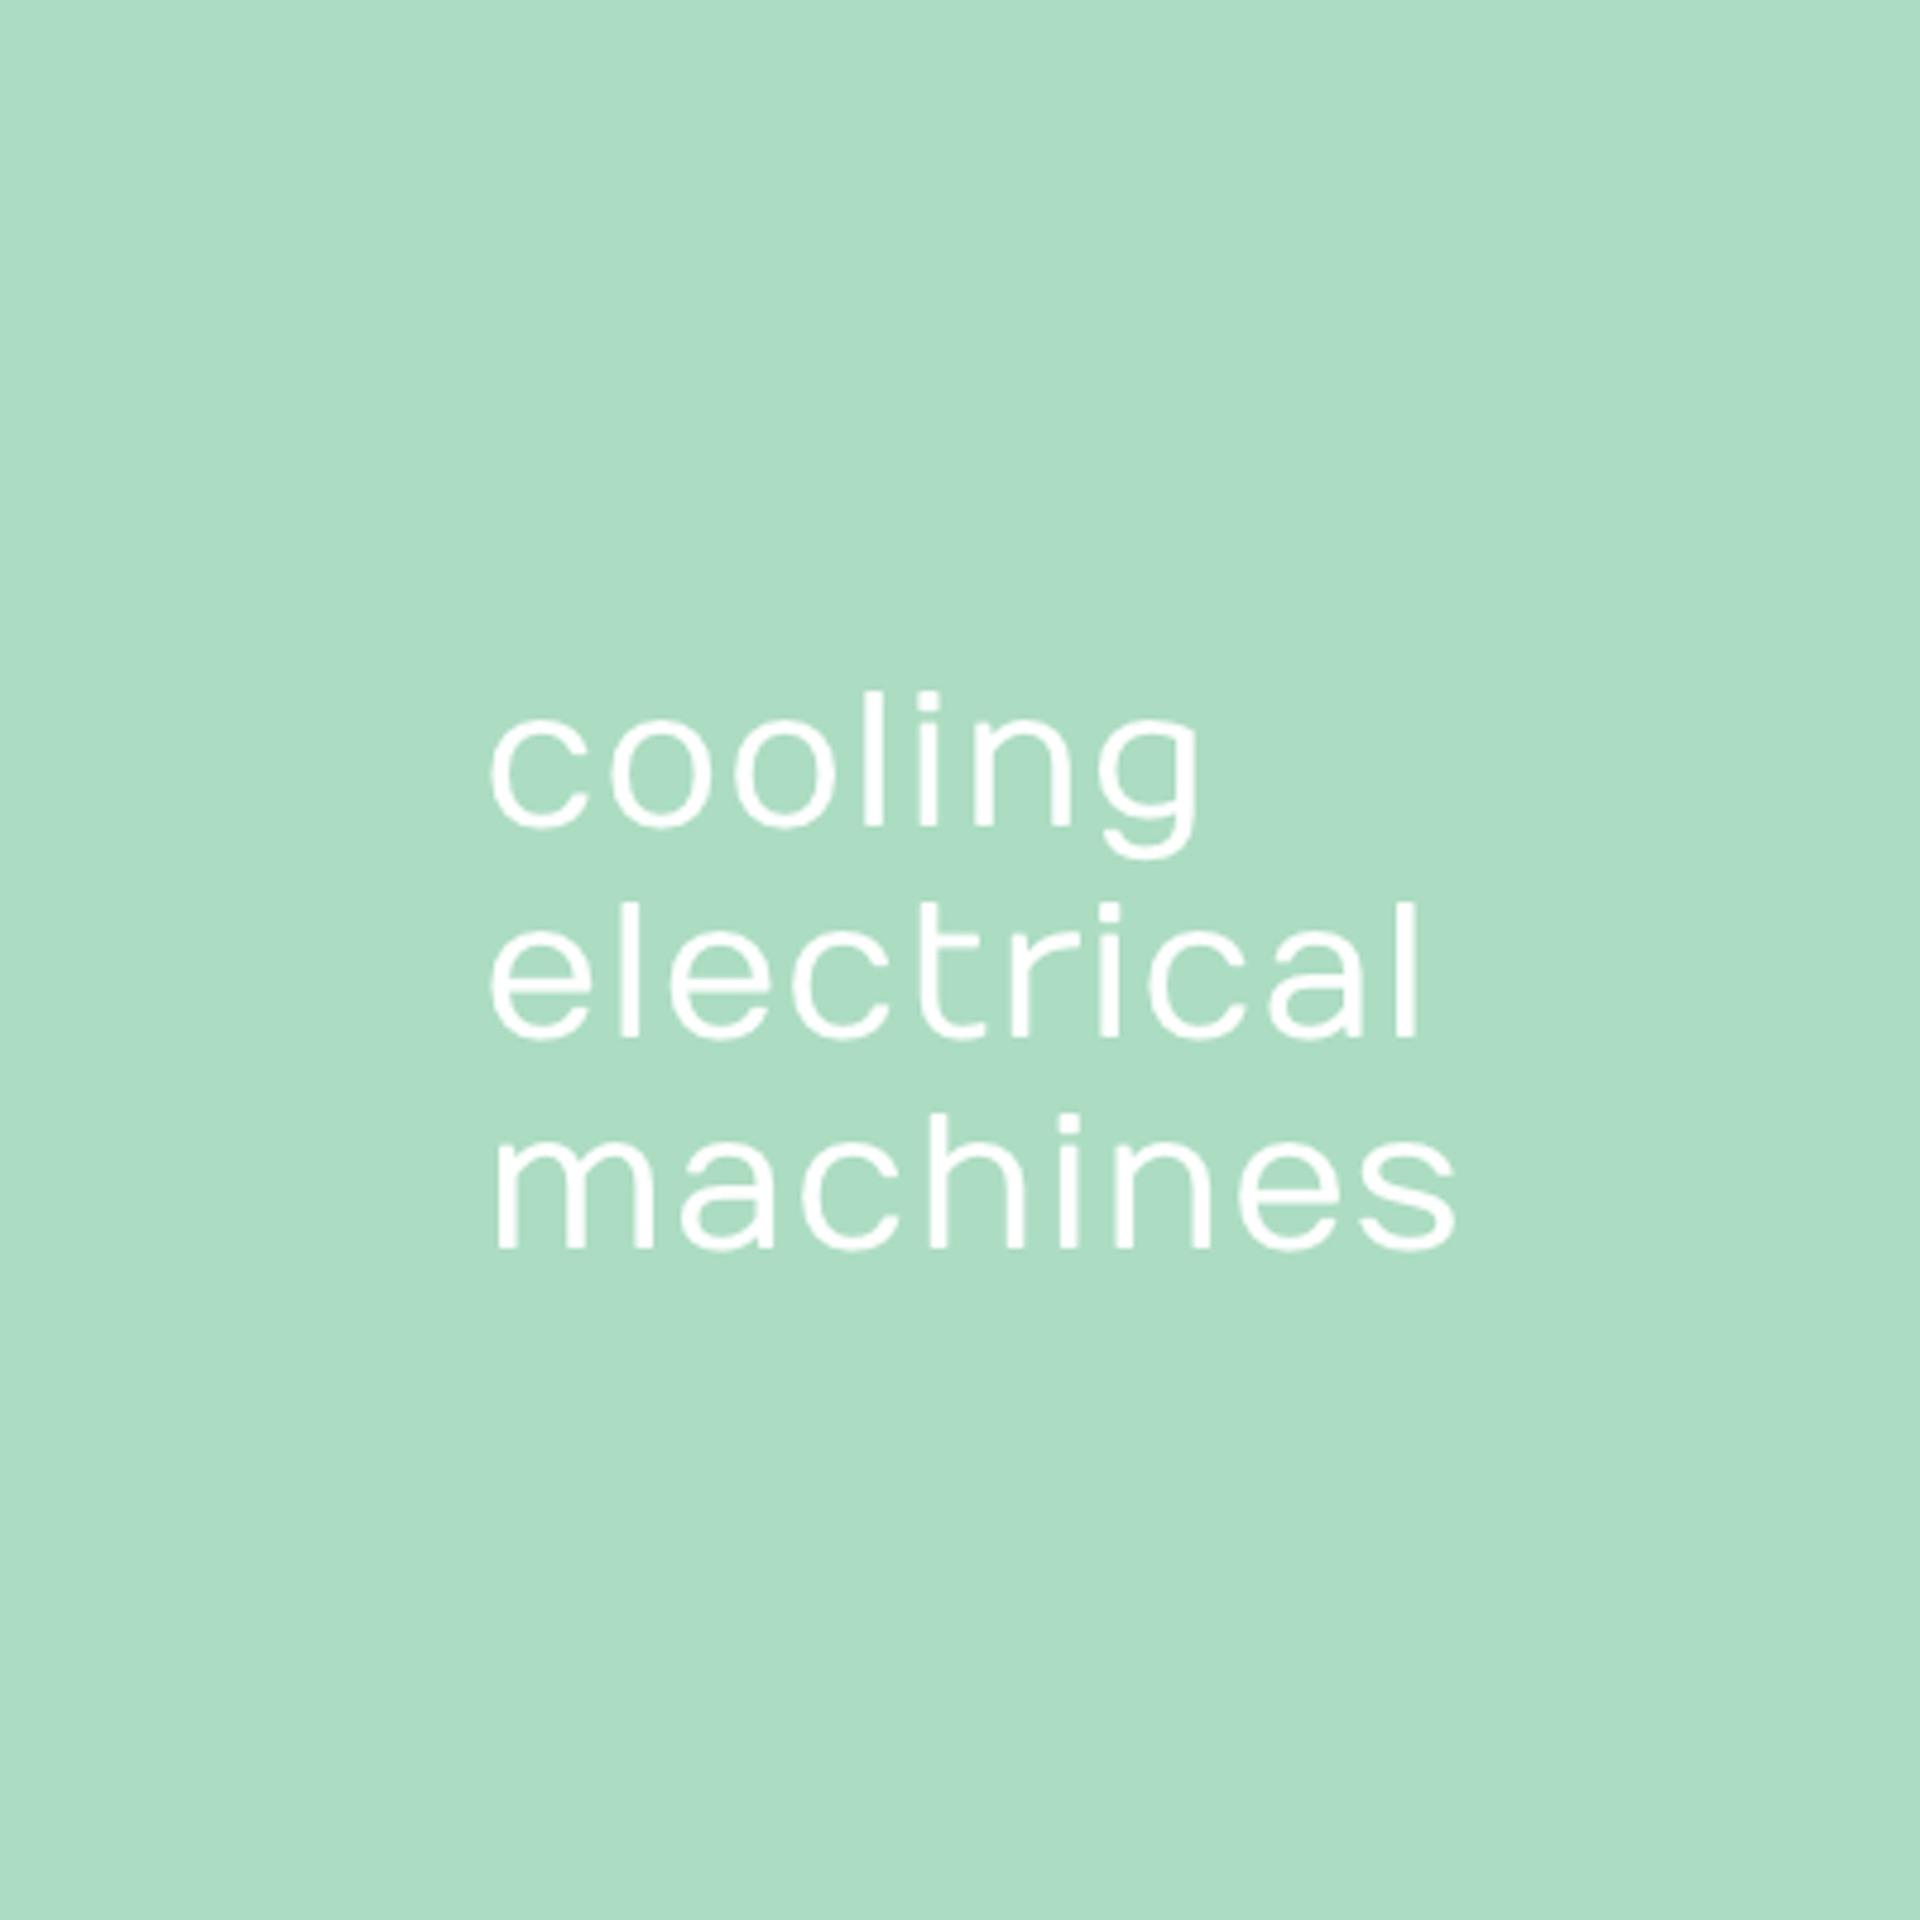 GWA_cooling_of_electrical_machines_Gesellschaft_fuer_Waerme_und_Anlagentechnik_mbH_monochrom